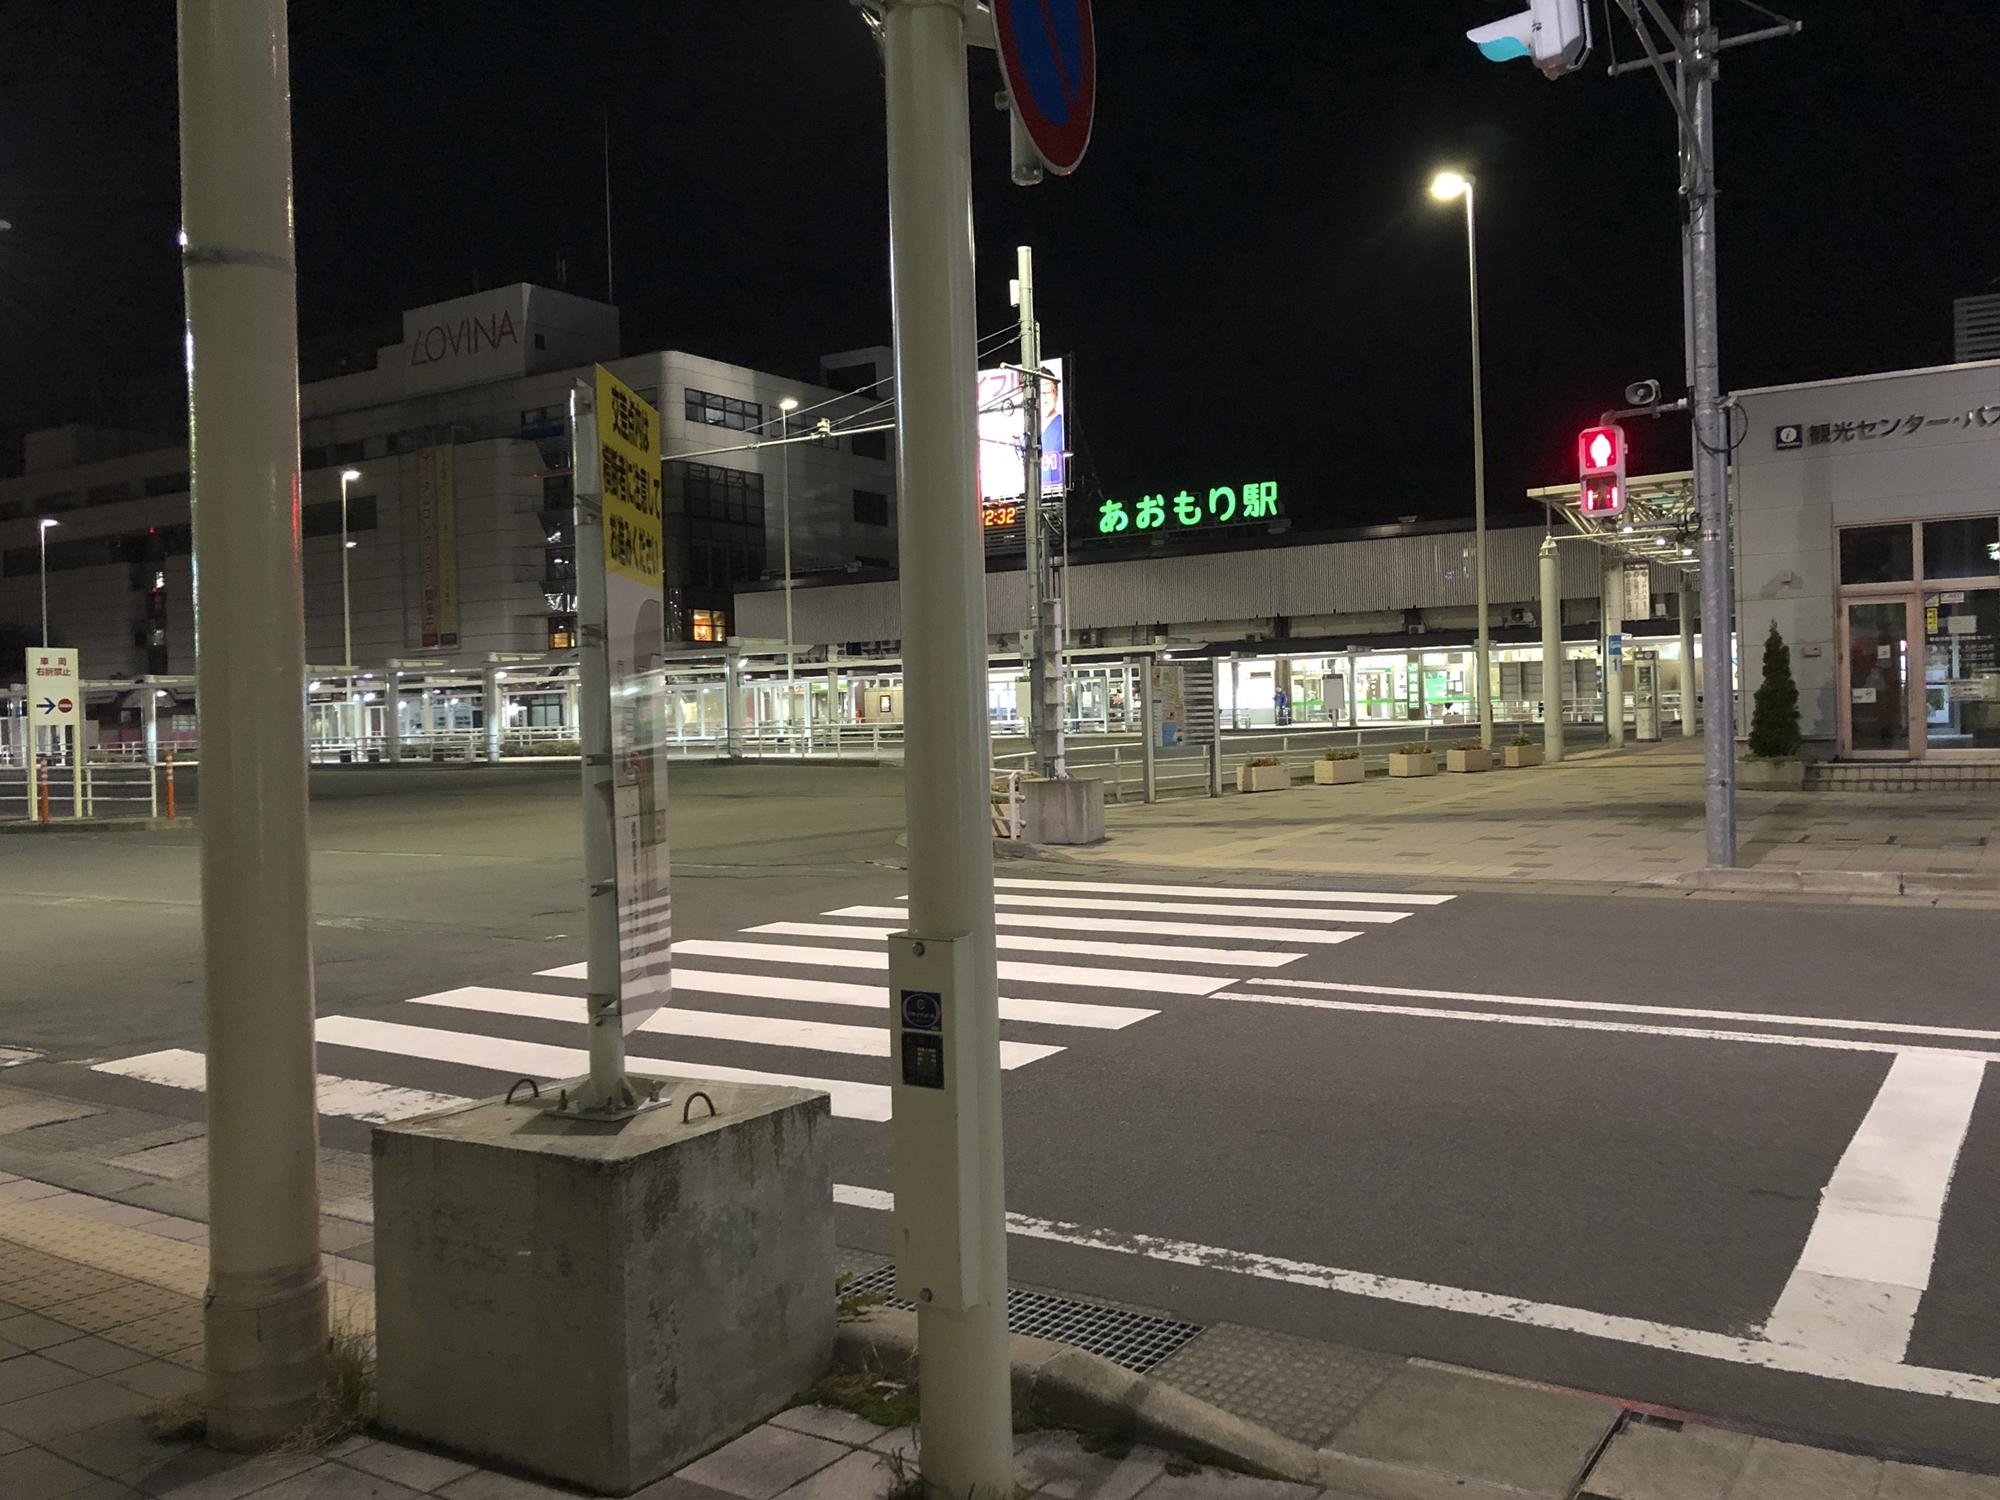 f:id:mitatowa:20181005185823j:plain